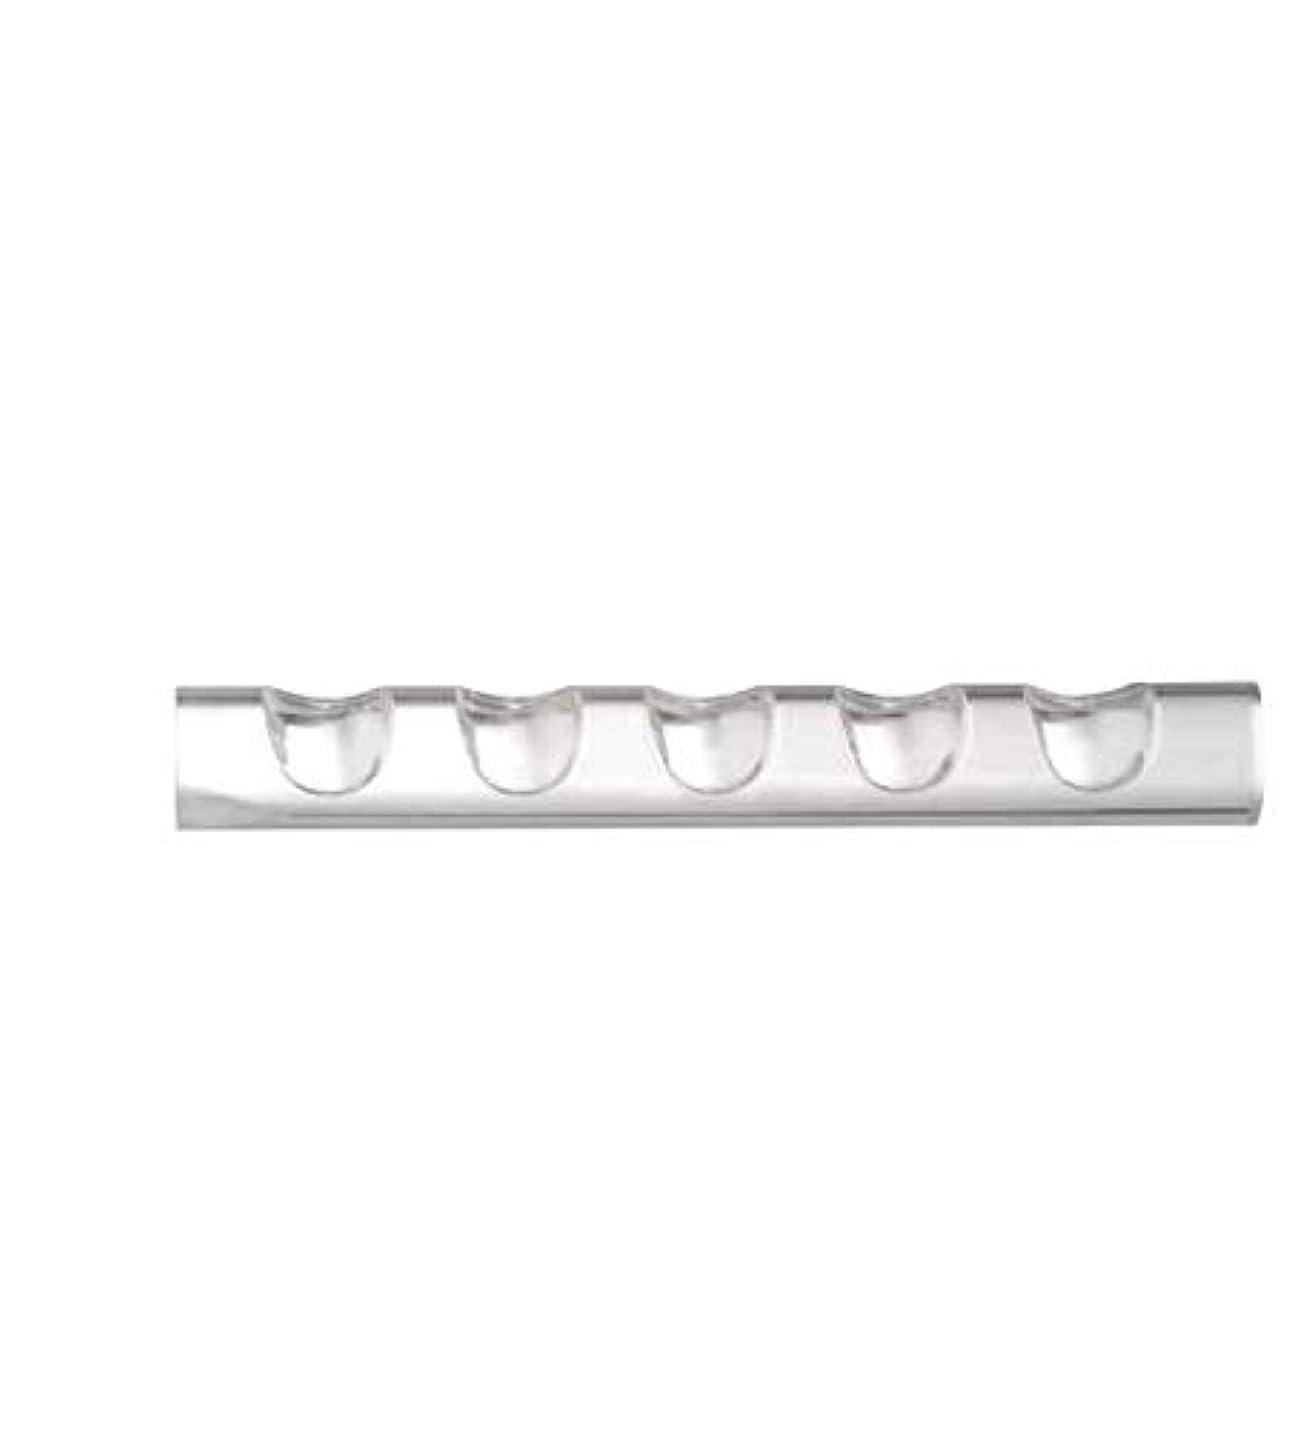 細心のルネッサンス喉頭5ネイルペンネイルブラシホルダー用ネイルツールペンブラシラッククリアアクリルスタンドホルダー